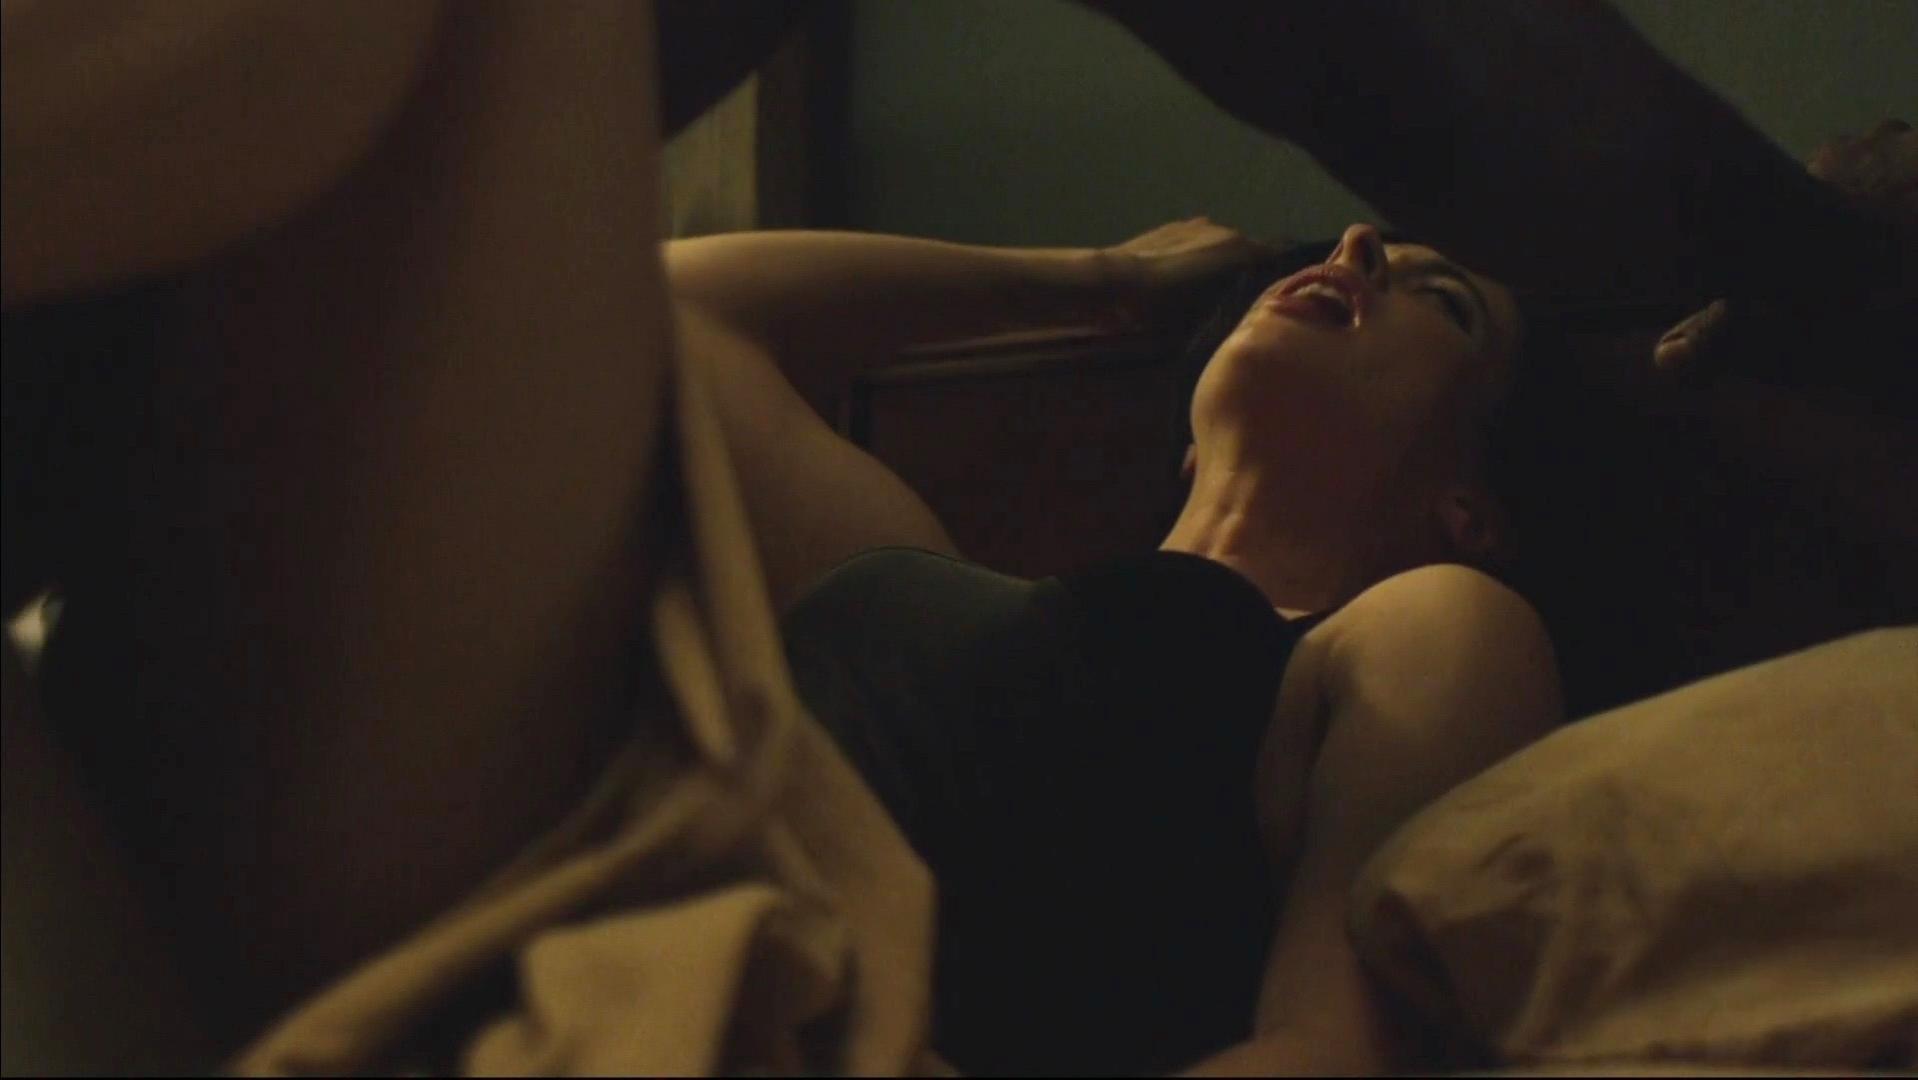 krysten ritter nude scene